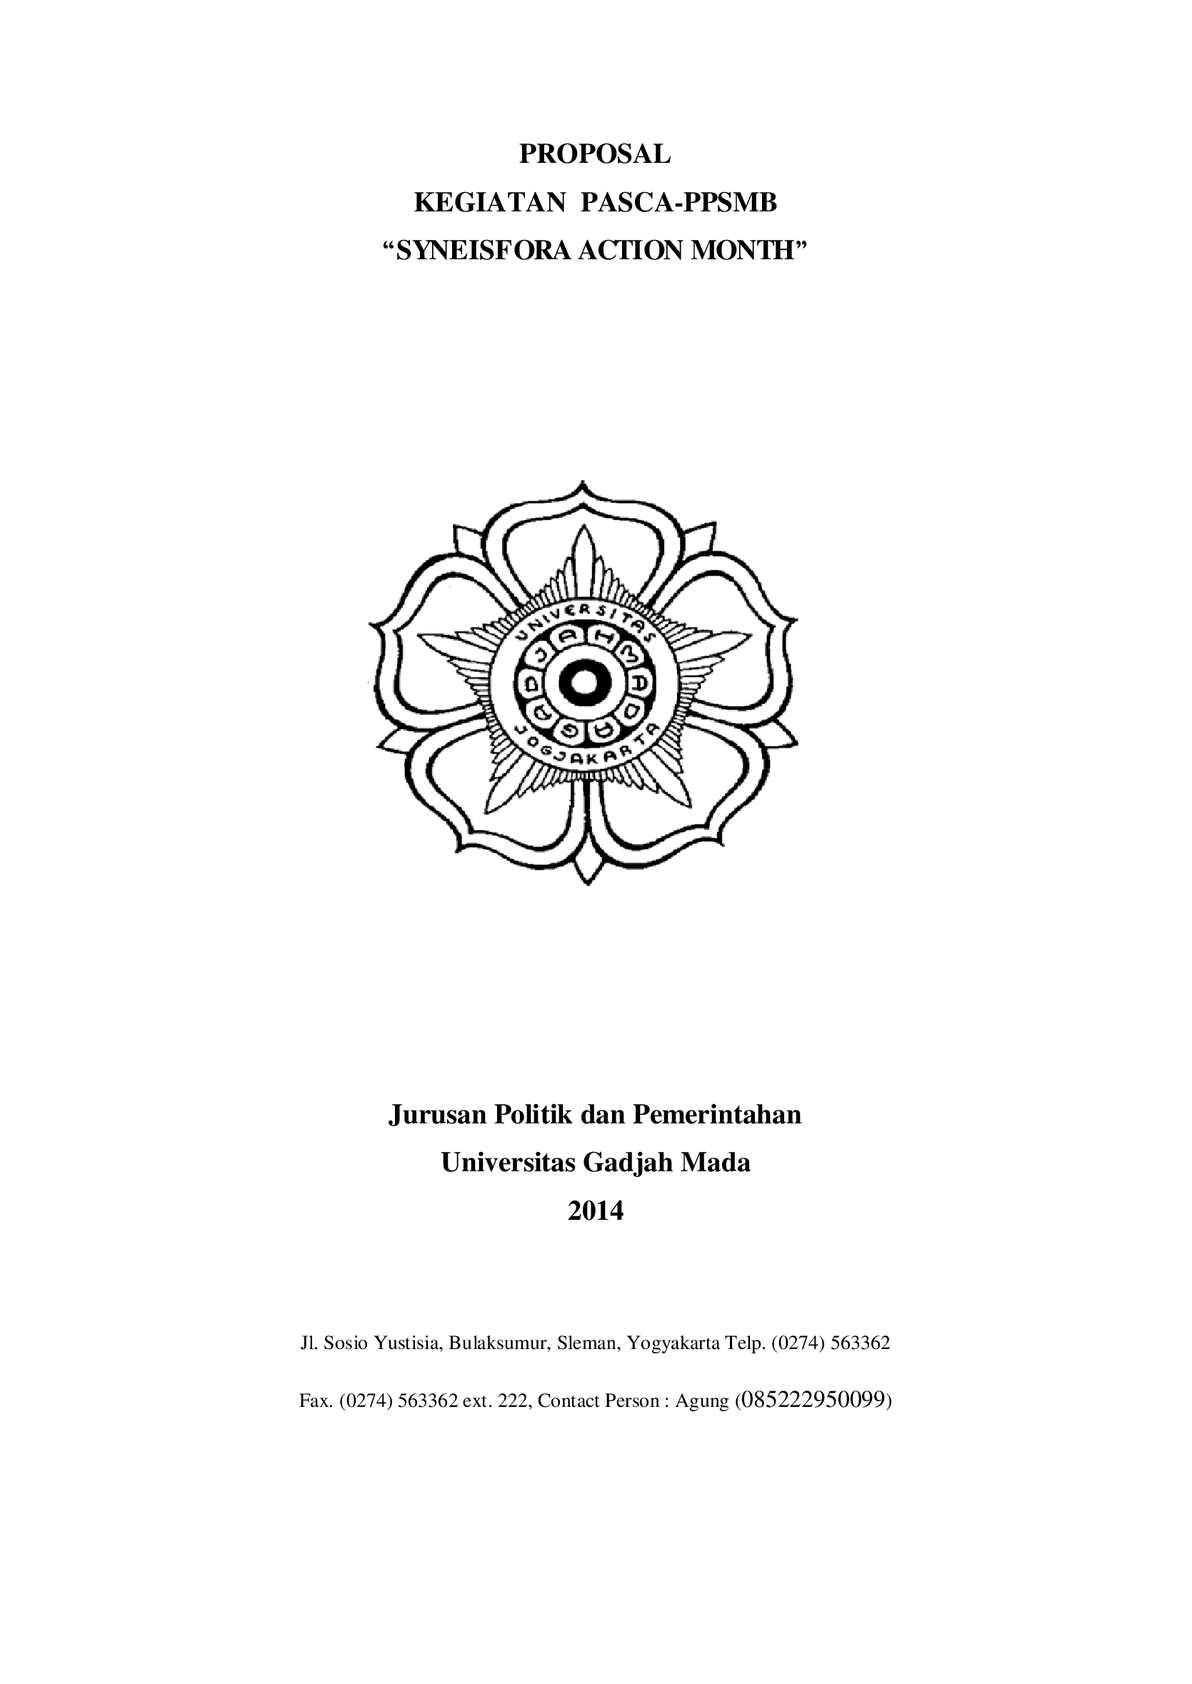 Contoh Proposal Makrab : contoh, proposal, makrab, Calaméo, Proposal, Makrab, PPSMB